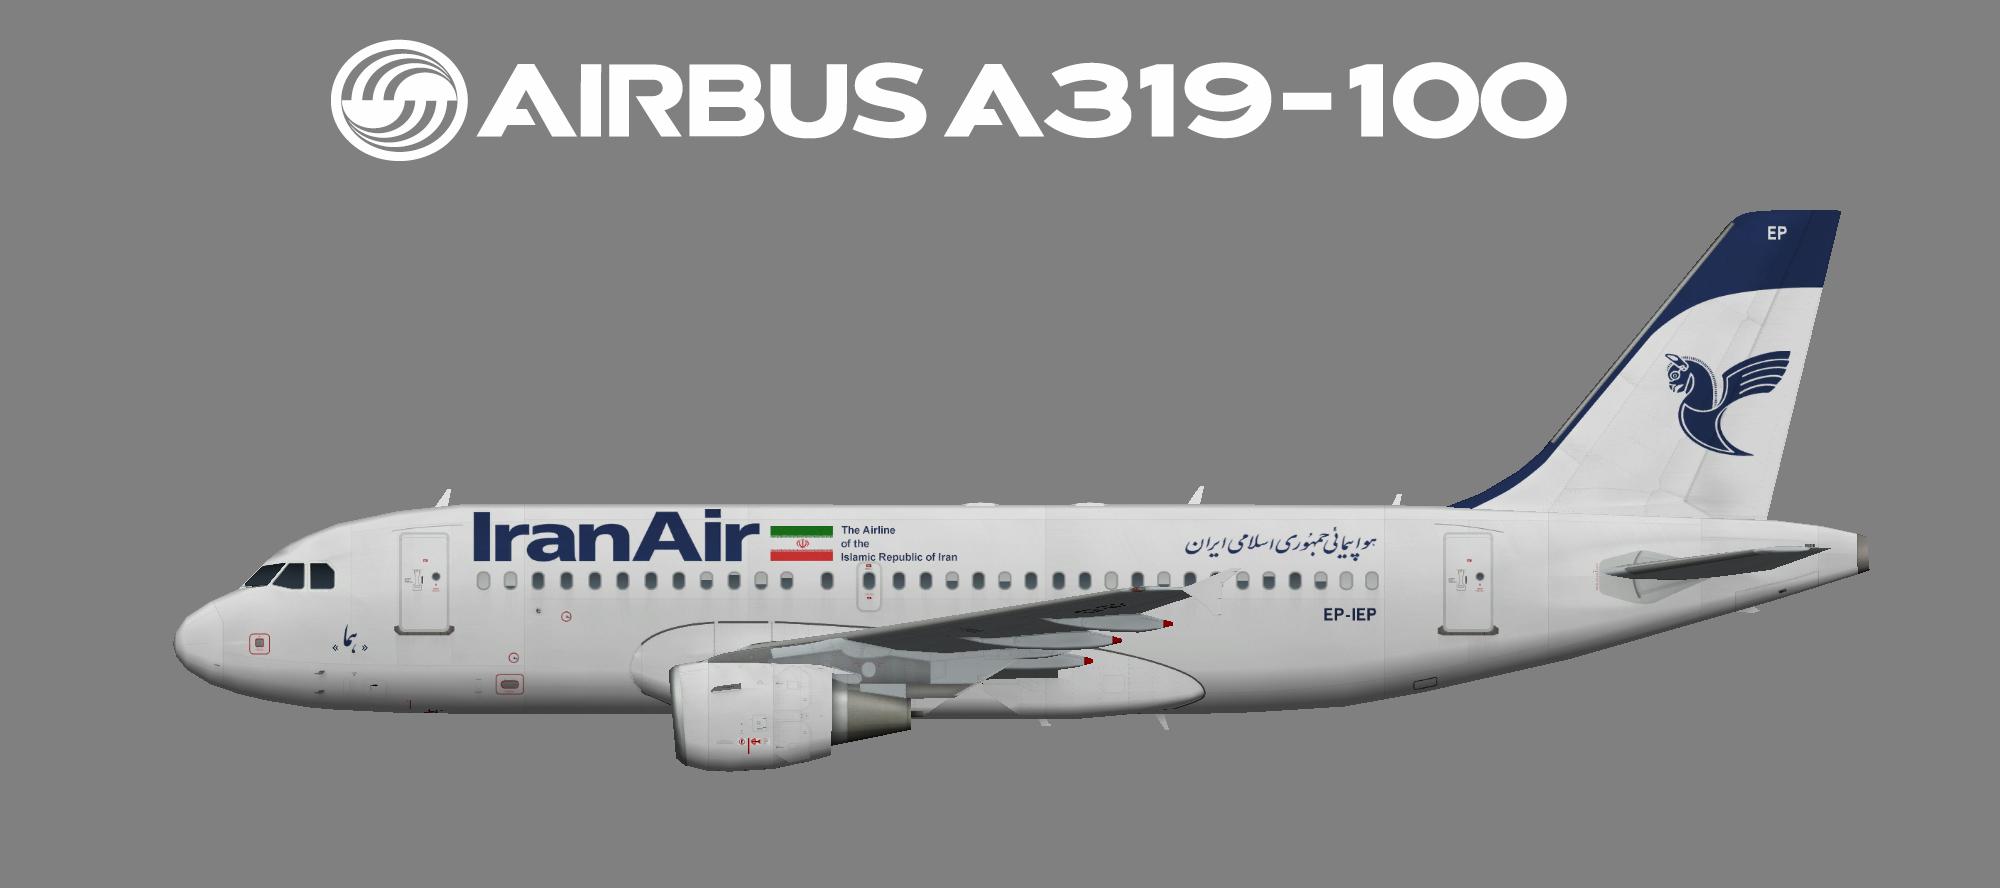 Iran Air Airbus A319-100